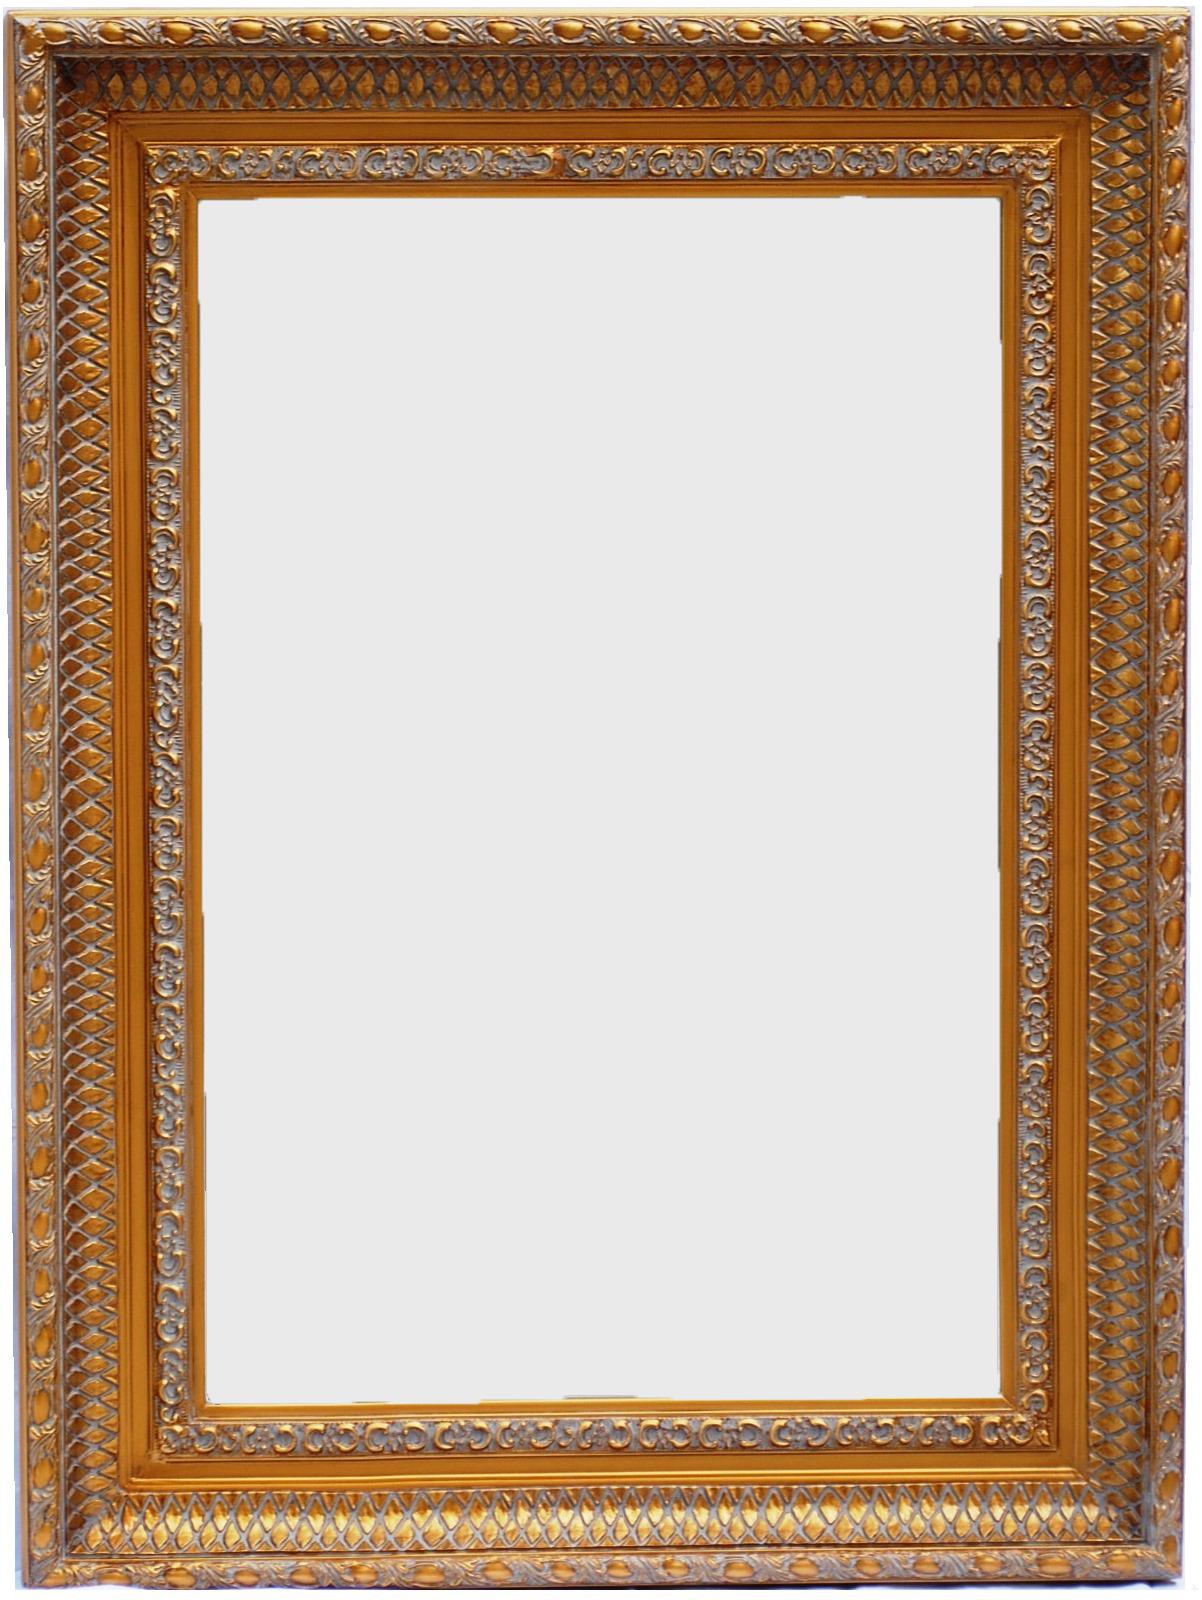 Καθρέπτης Ξύλινος Royal Art 50x70εκ. INA3/3068/90GL (Υλικό: Ξύλο) - Royal Art Collection - INA3/3068/90GL